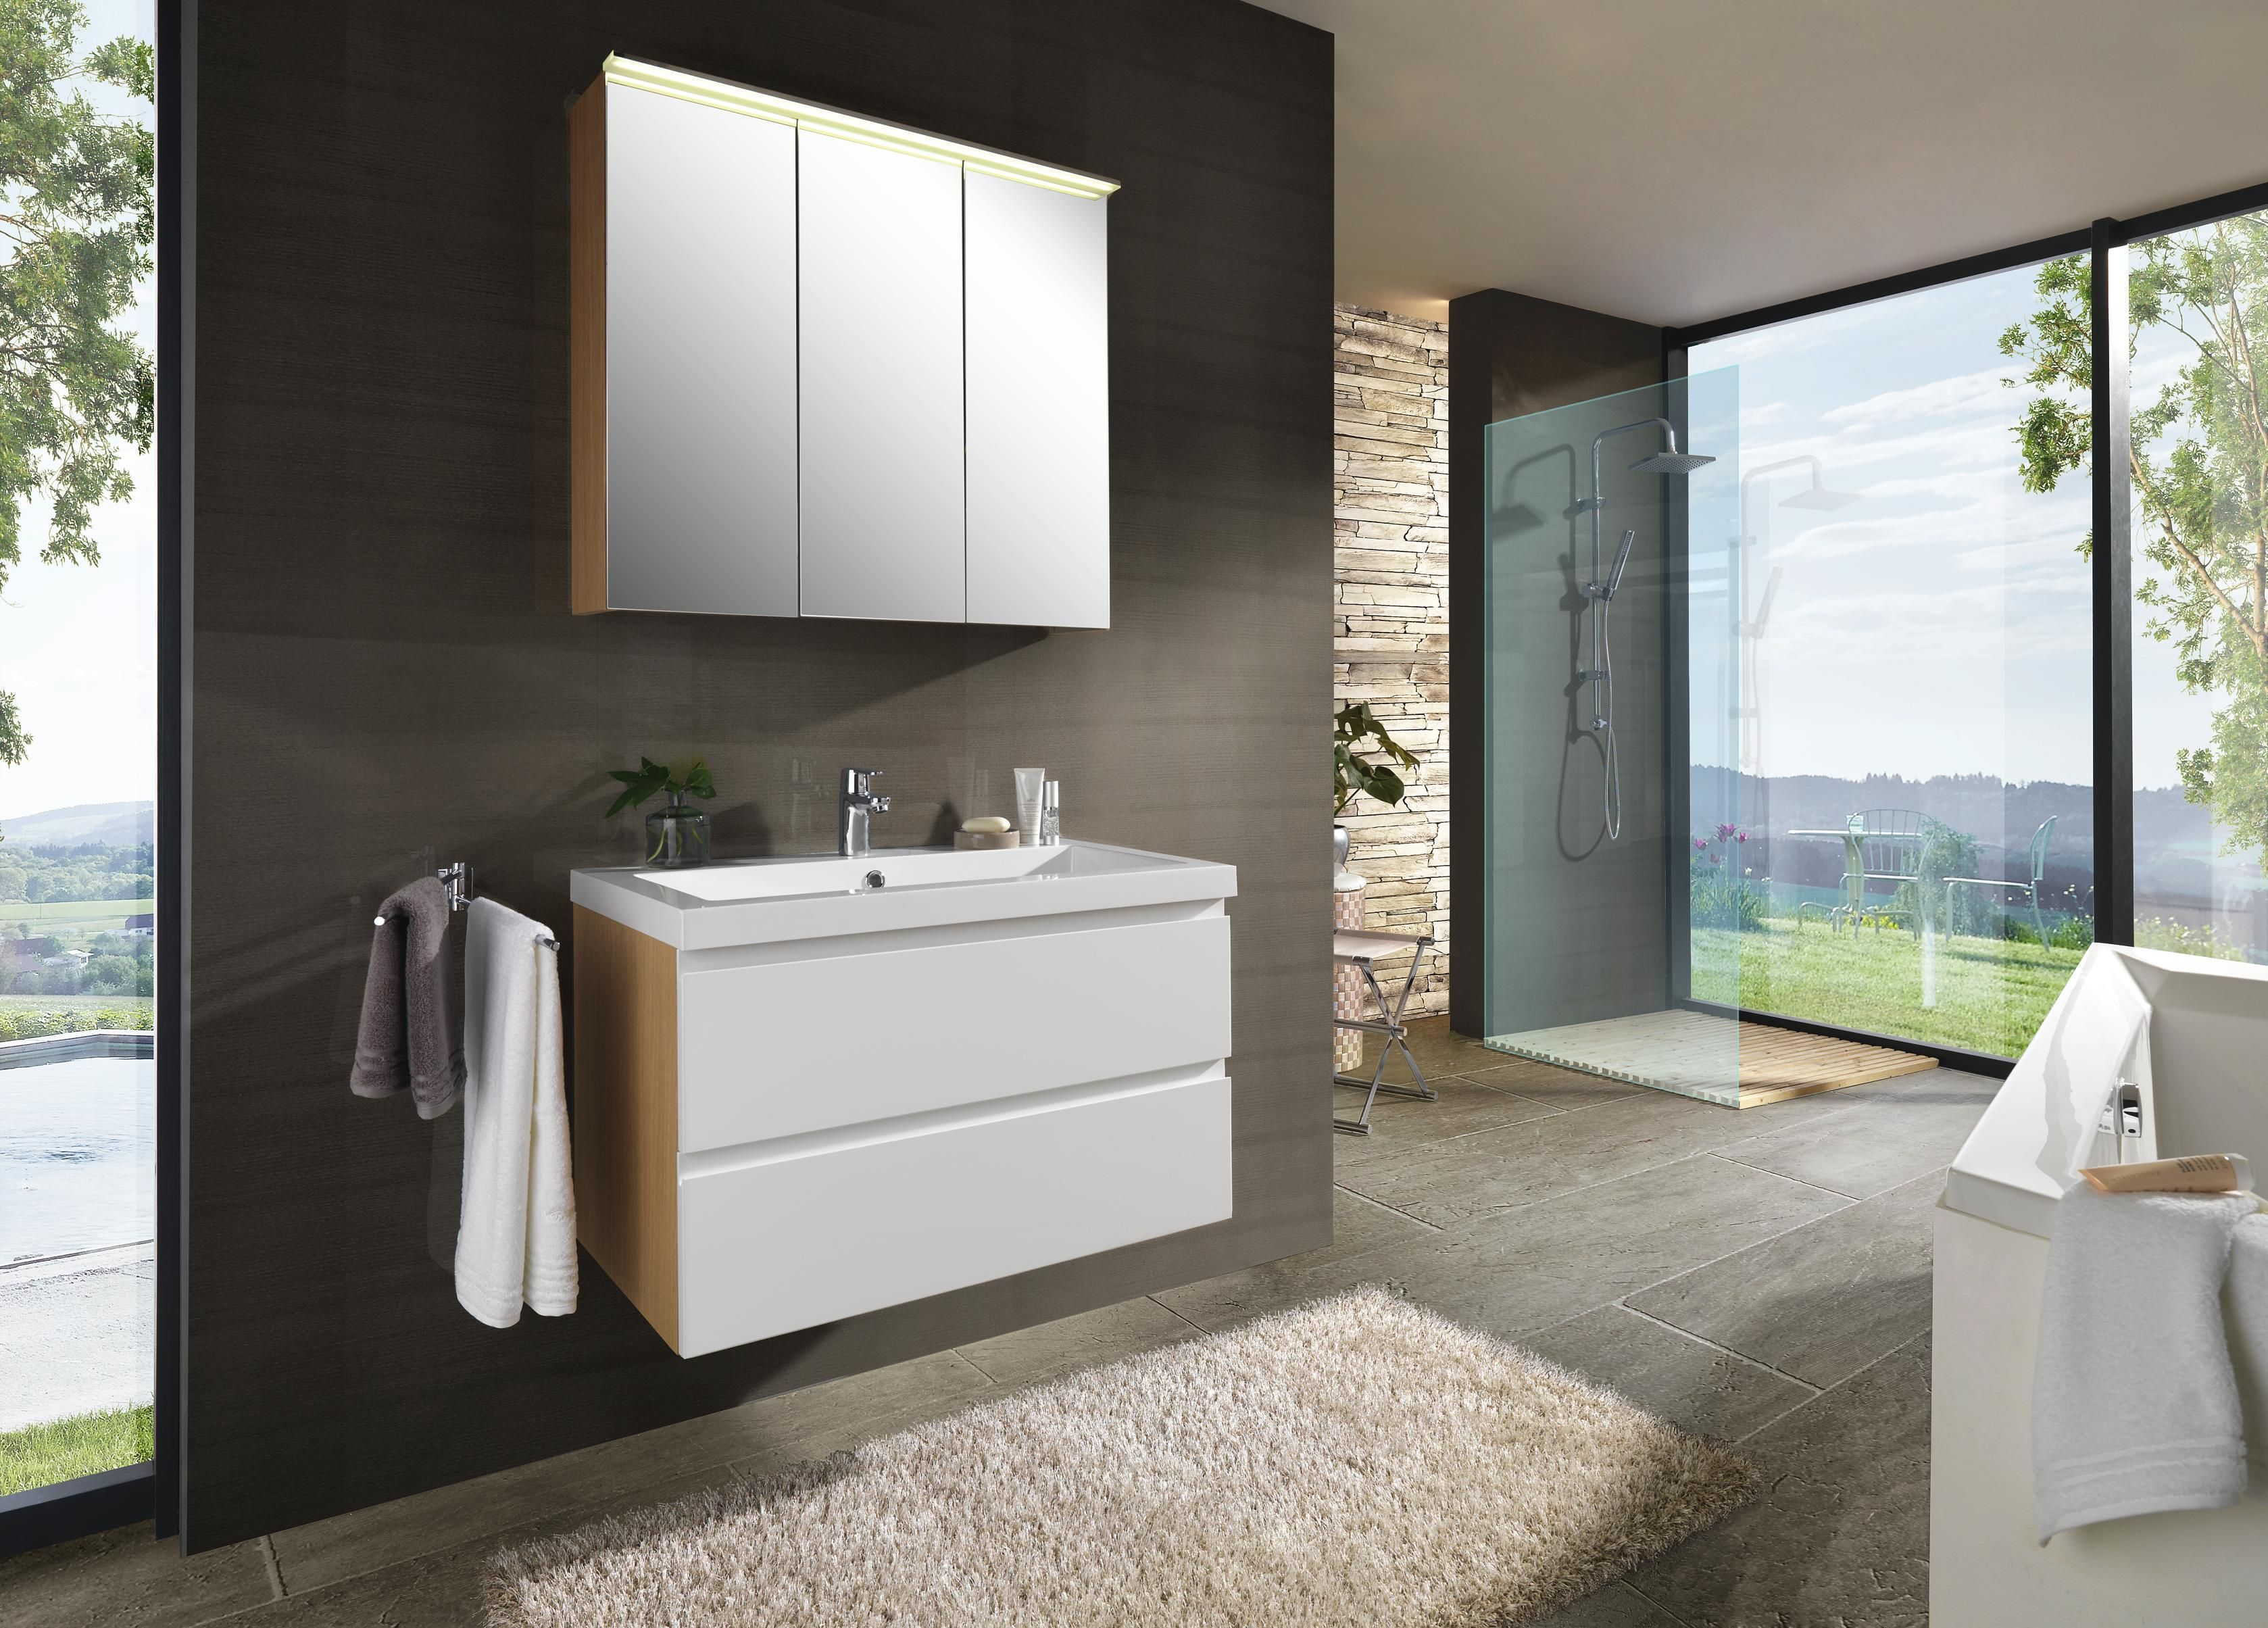 Badezimmer Badezimmer Badezimmerausstattung Und Baden